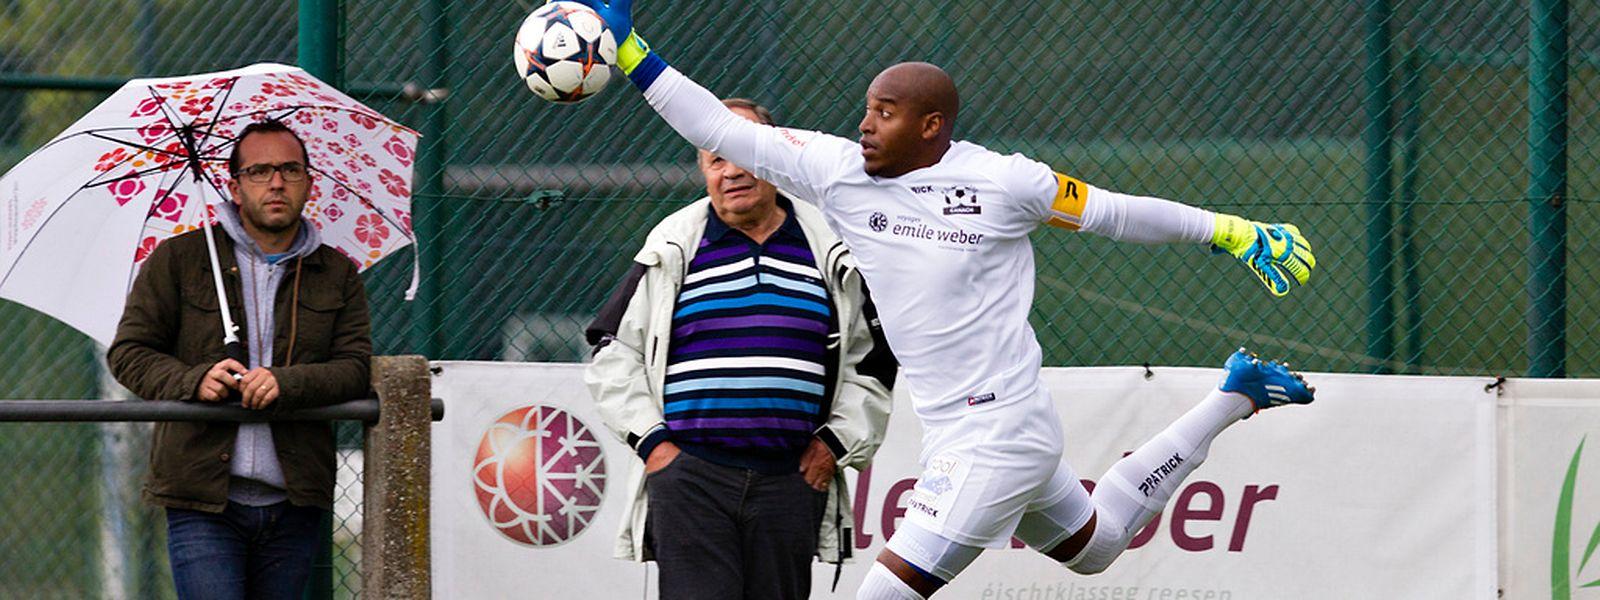 La meilleure défense... c'est la défense à Canach qui a pu compter sur un Jailson Moreira intraitable contre Rosport